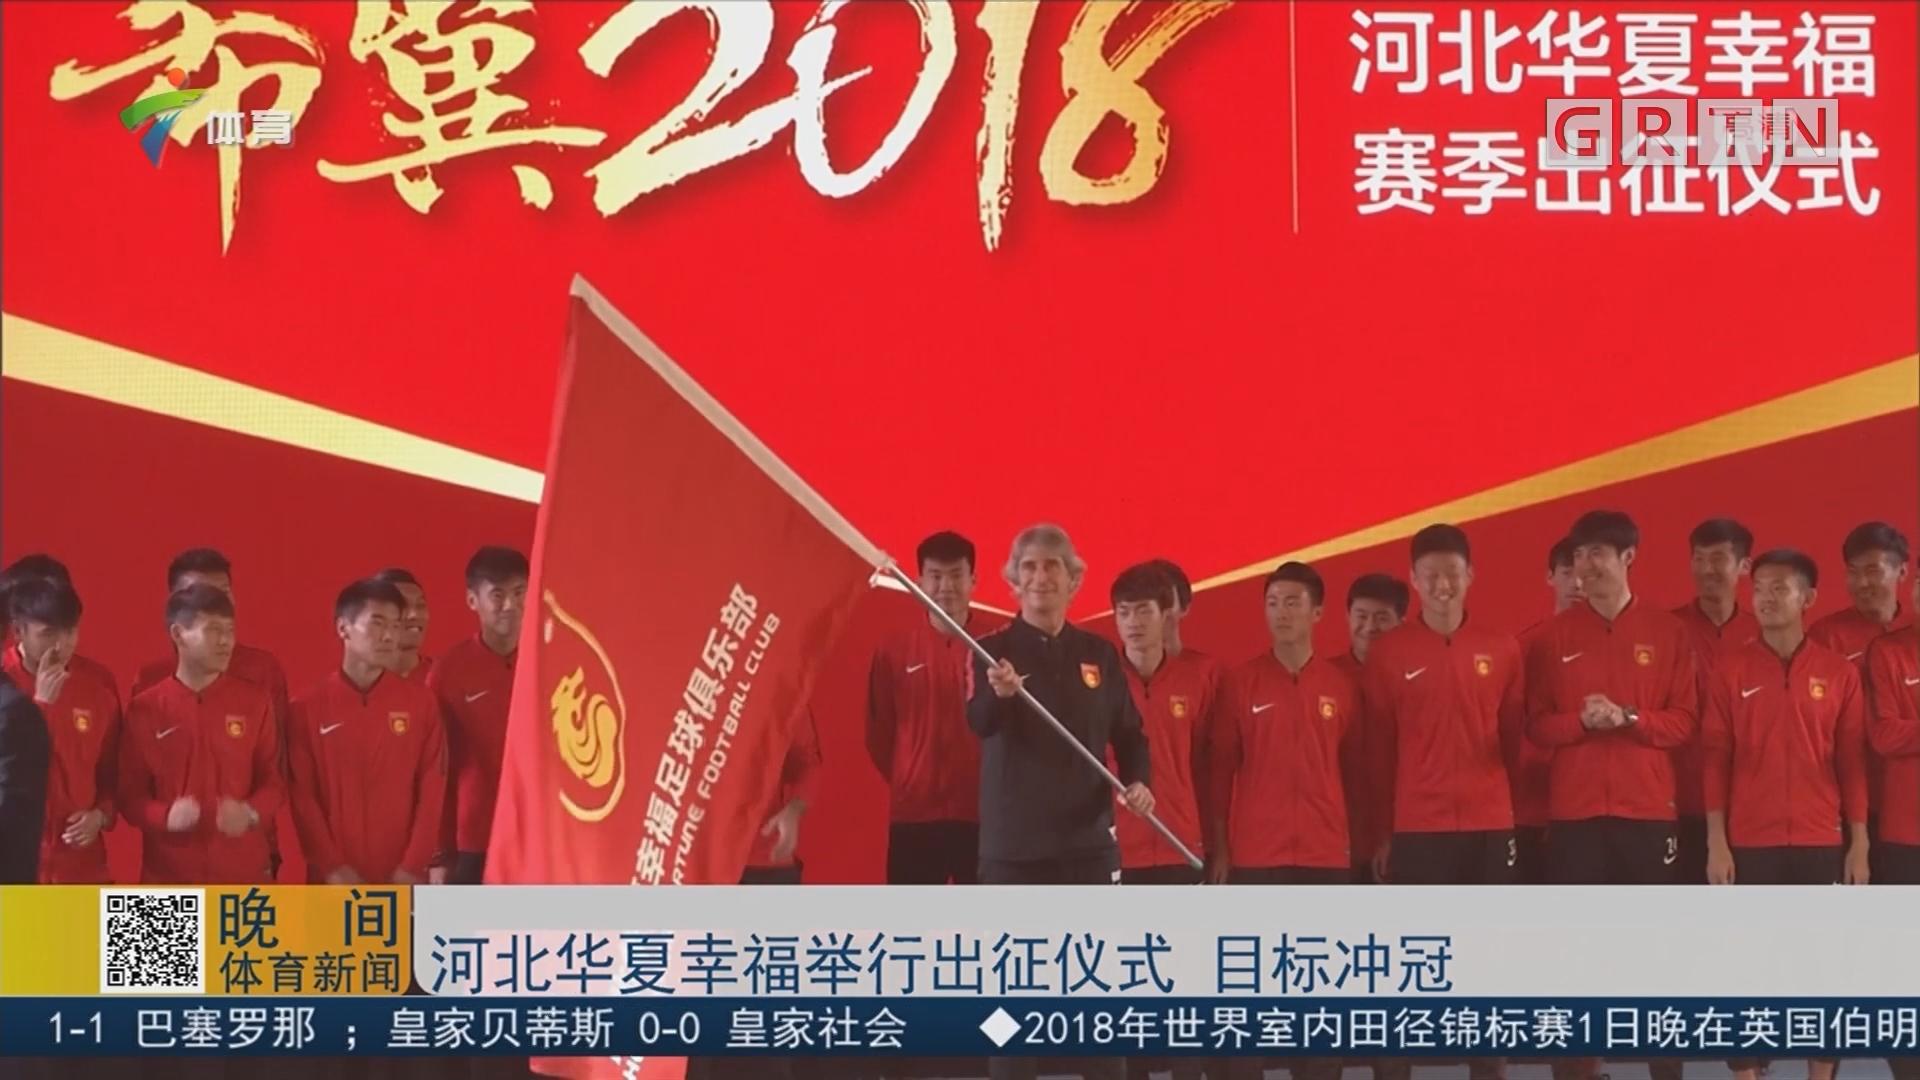 河北华夏幸福举行出征仪式 目标冲冠